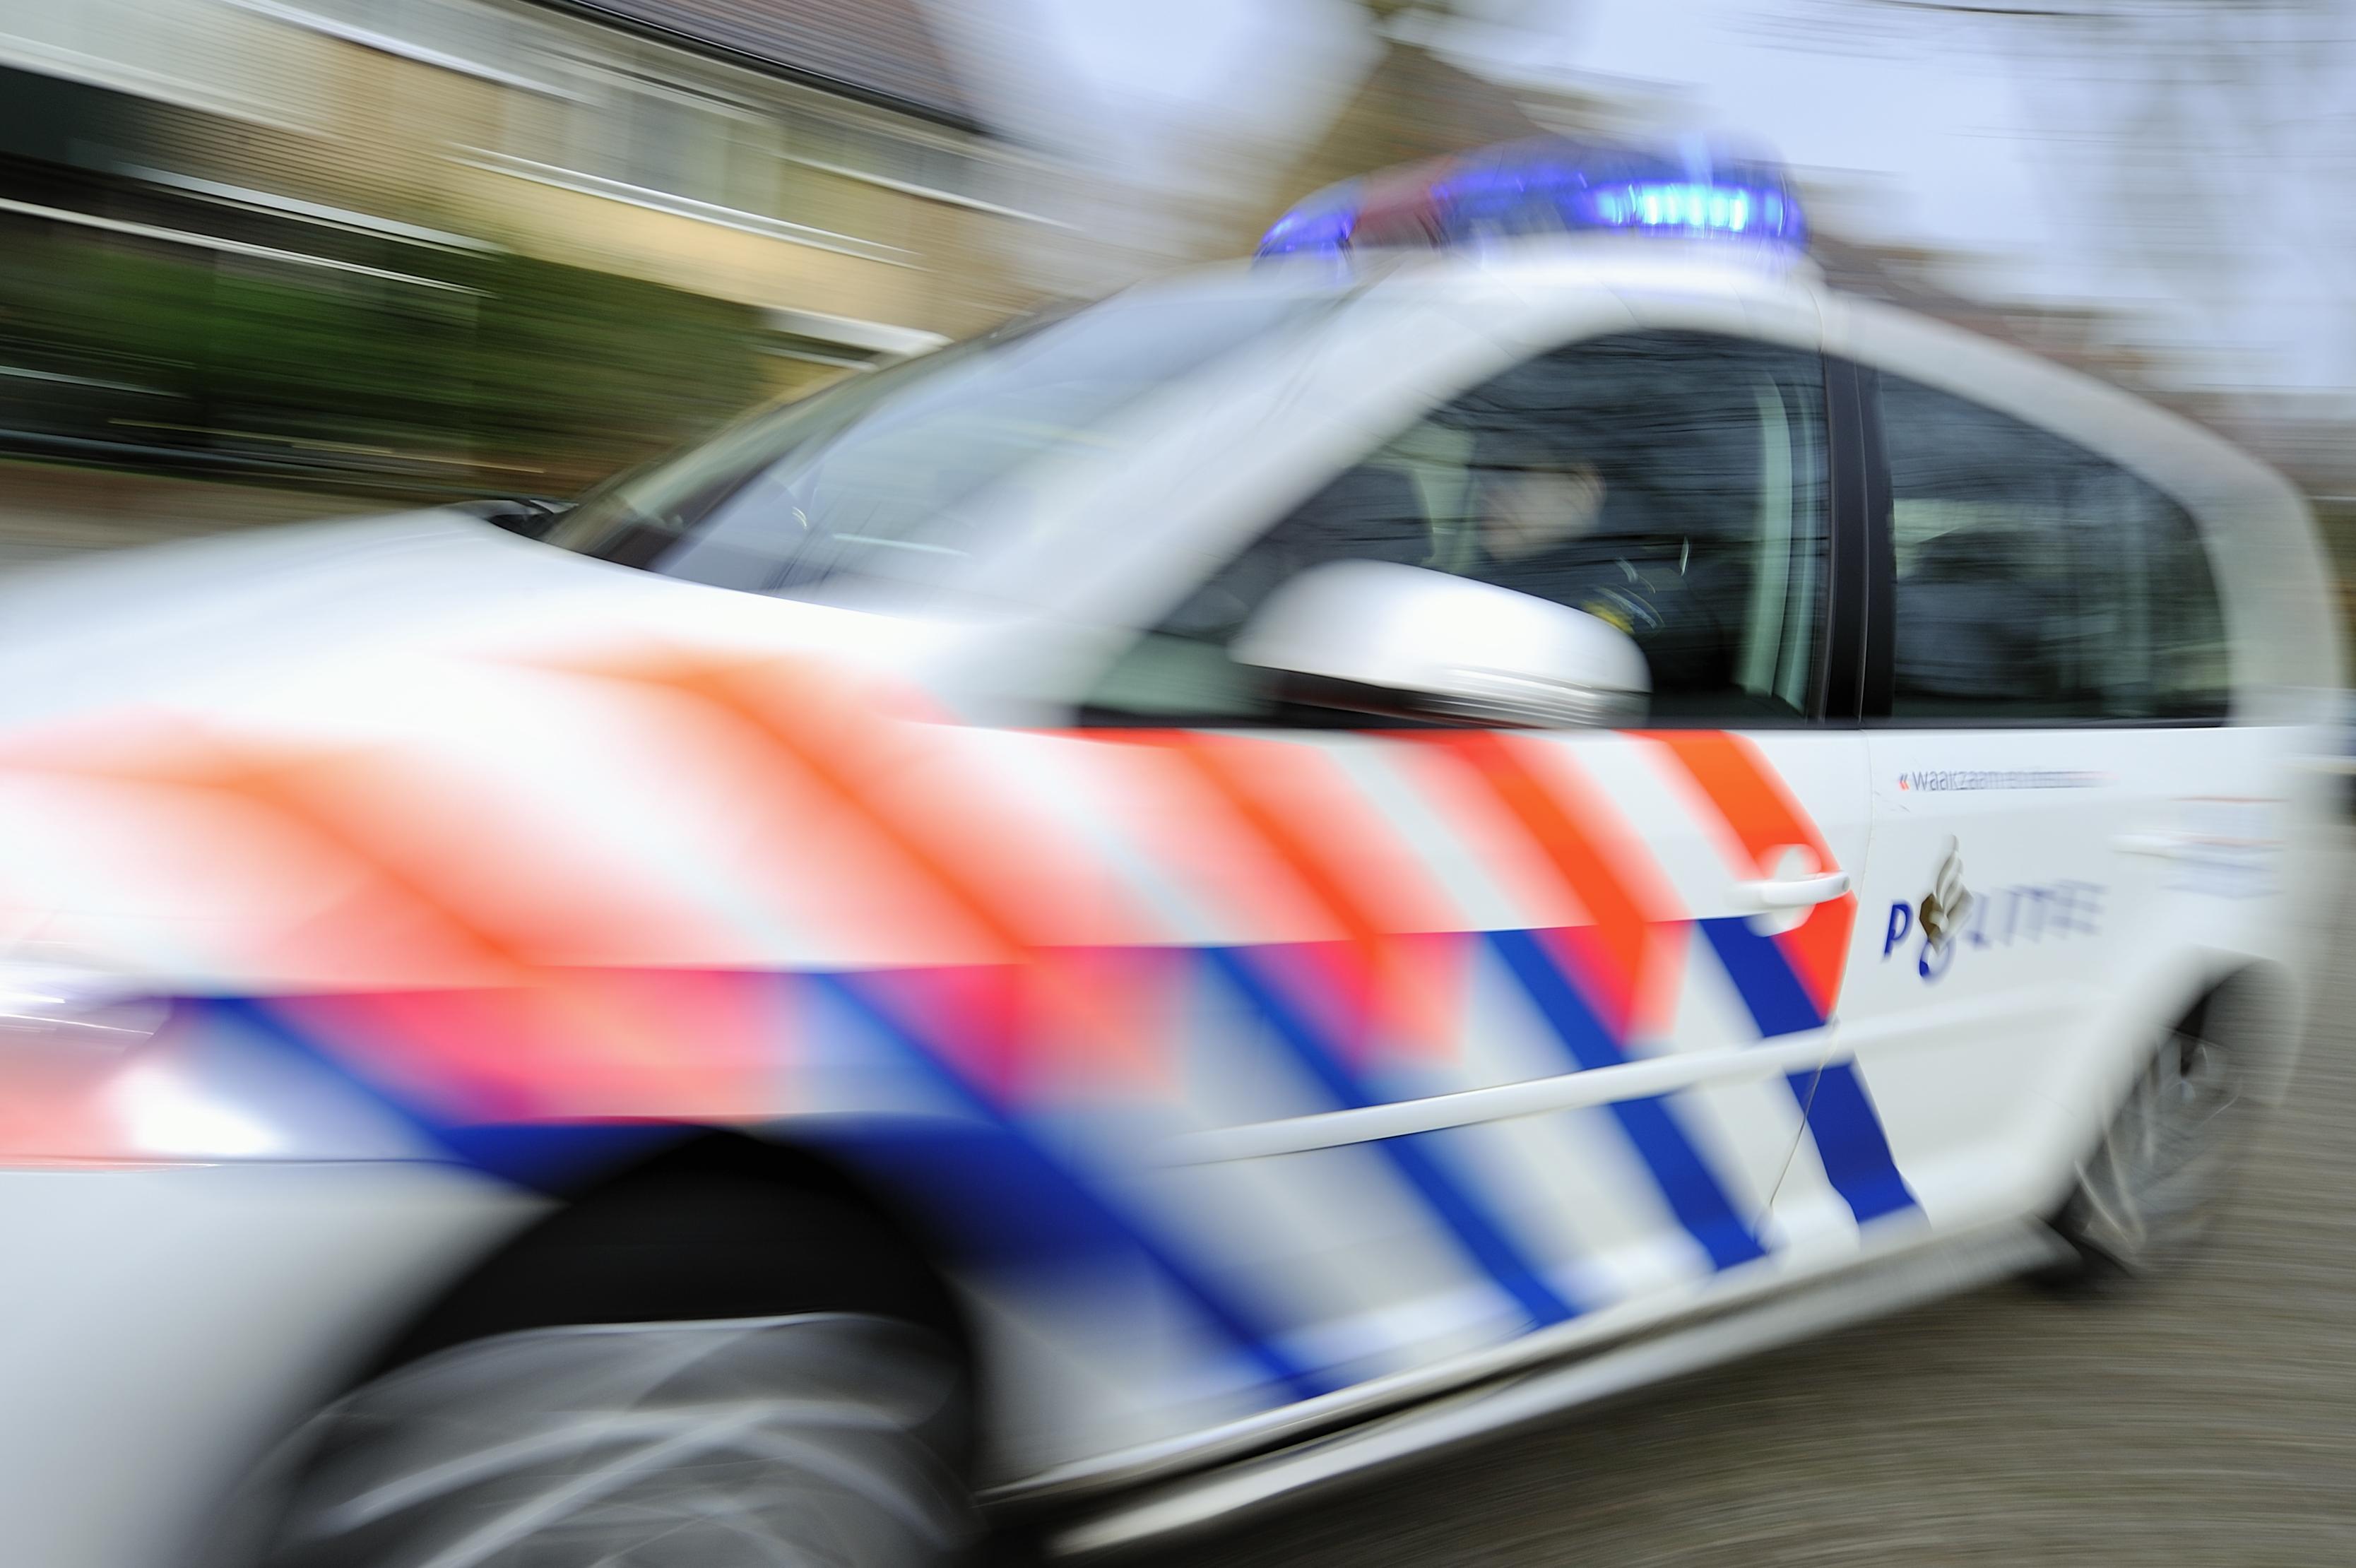 Twee Amsterdammers aangehouden in Wormerveer voor drugshandel; agenten treffen poeders, kristallen en pillen aan